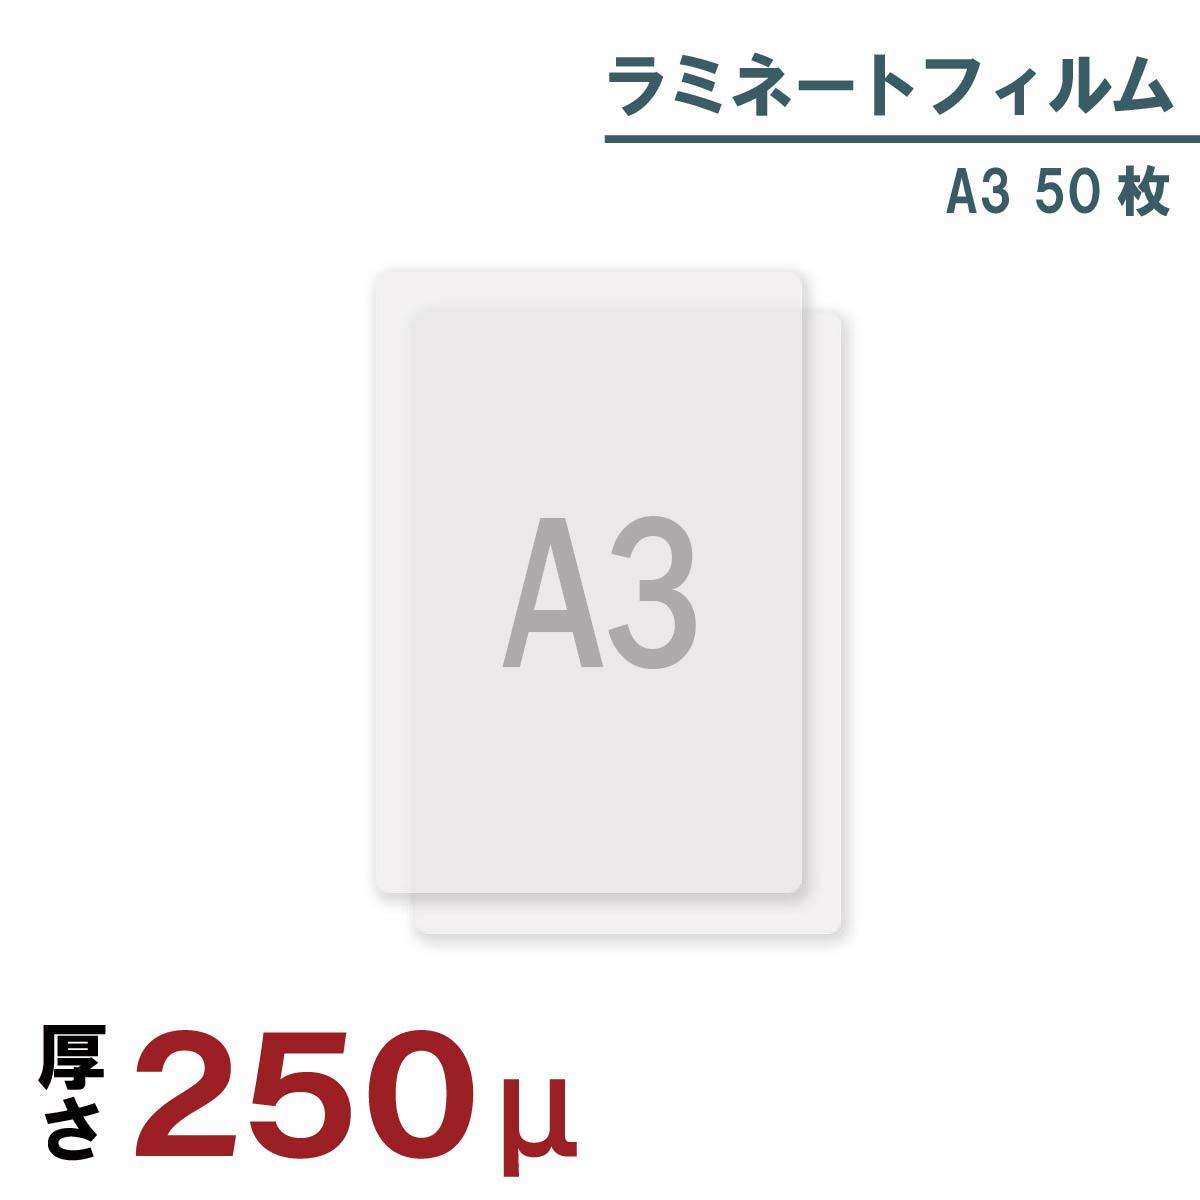 領収証発行 ラミネートフィルム 250μA3 50枚入大特価 50枚 A3 250μ 5000円以上送料無料 ストア 本物◆